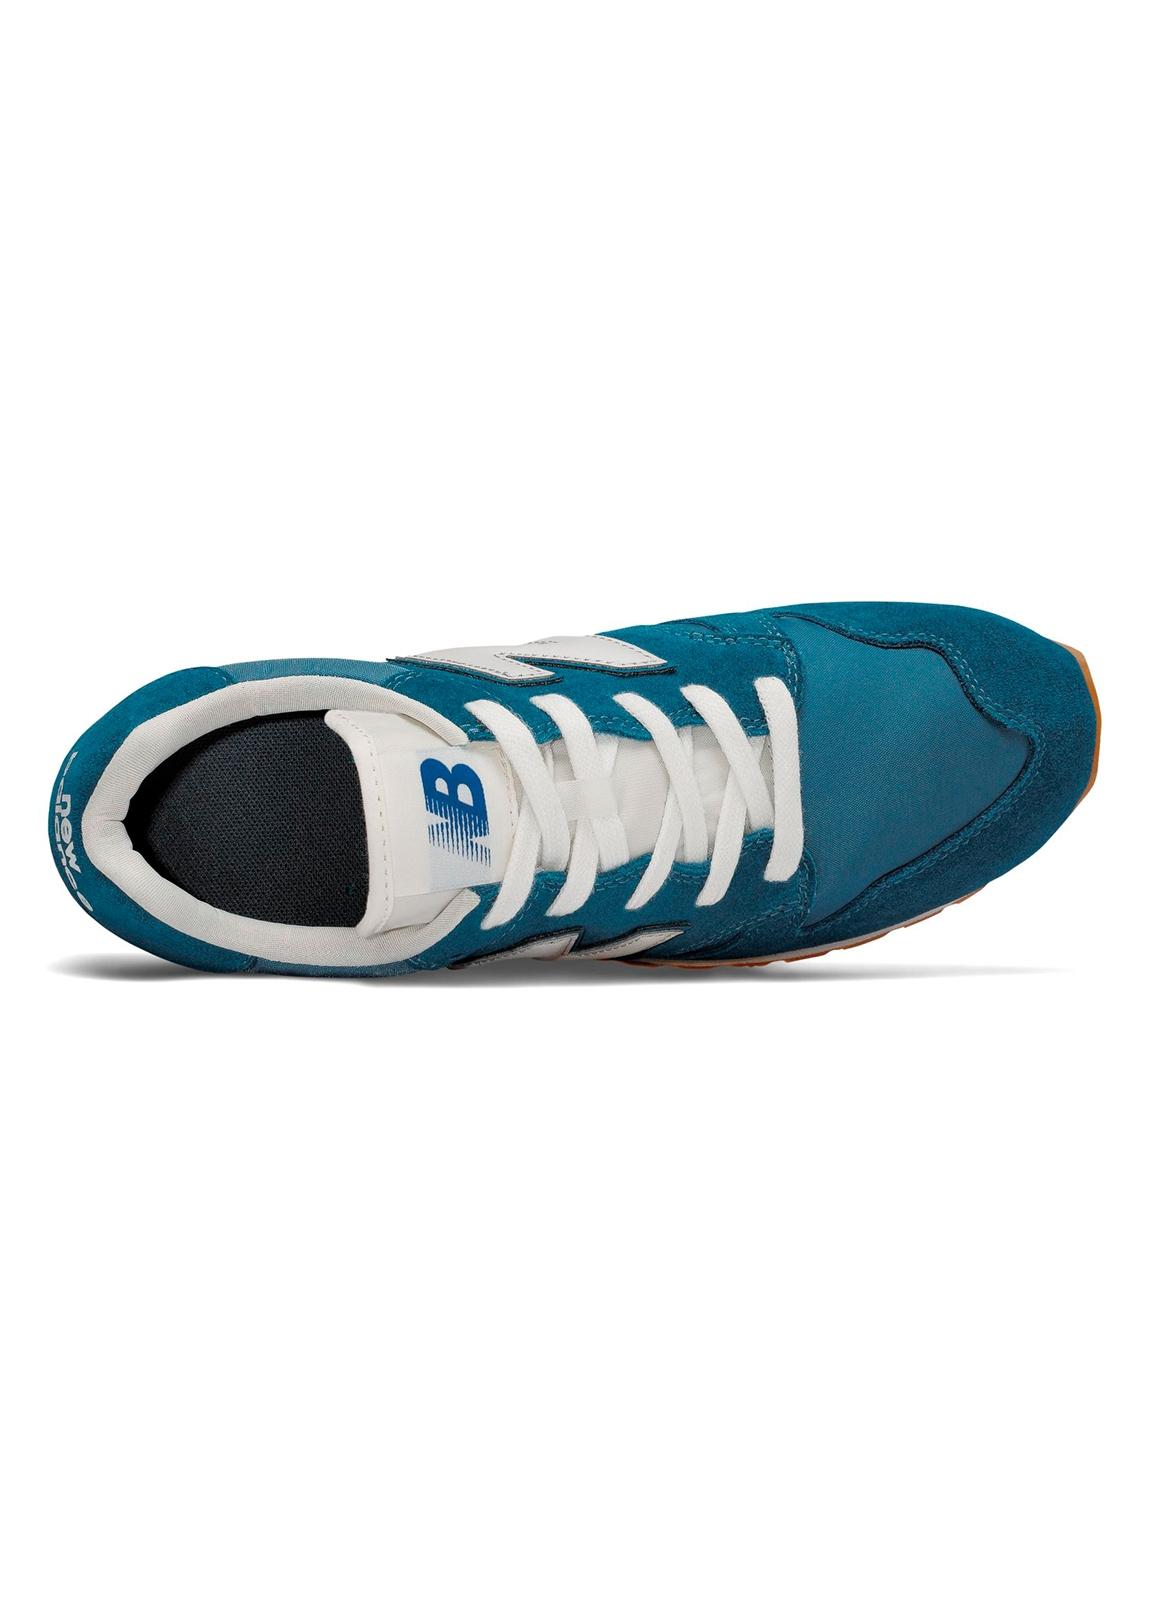 Sneaker hombre U520 color azul turquesa con detalles en blanco serraje, piel y malla. - Ítem2